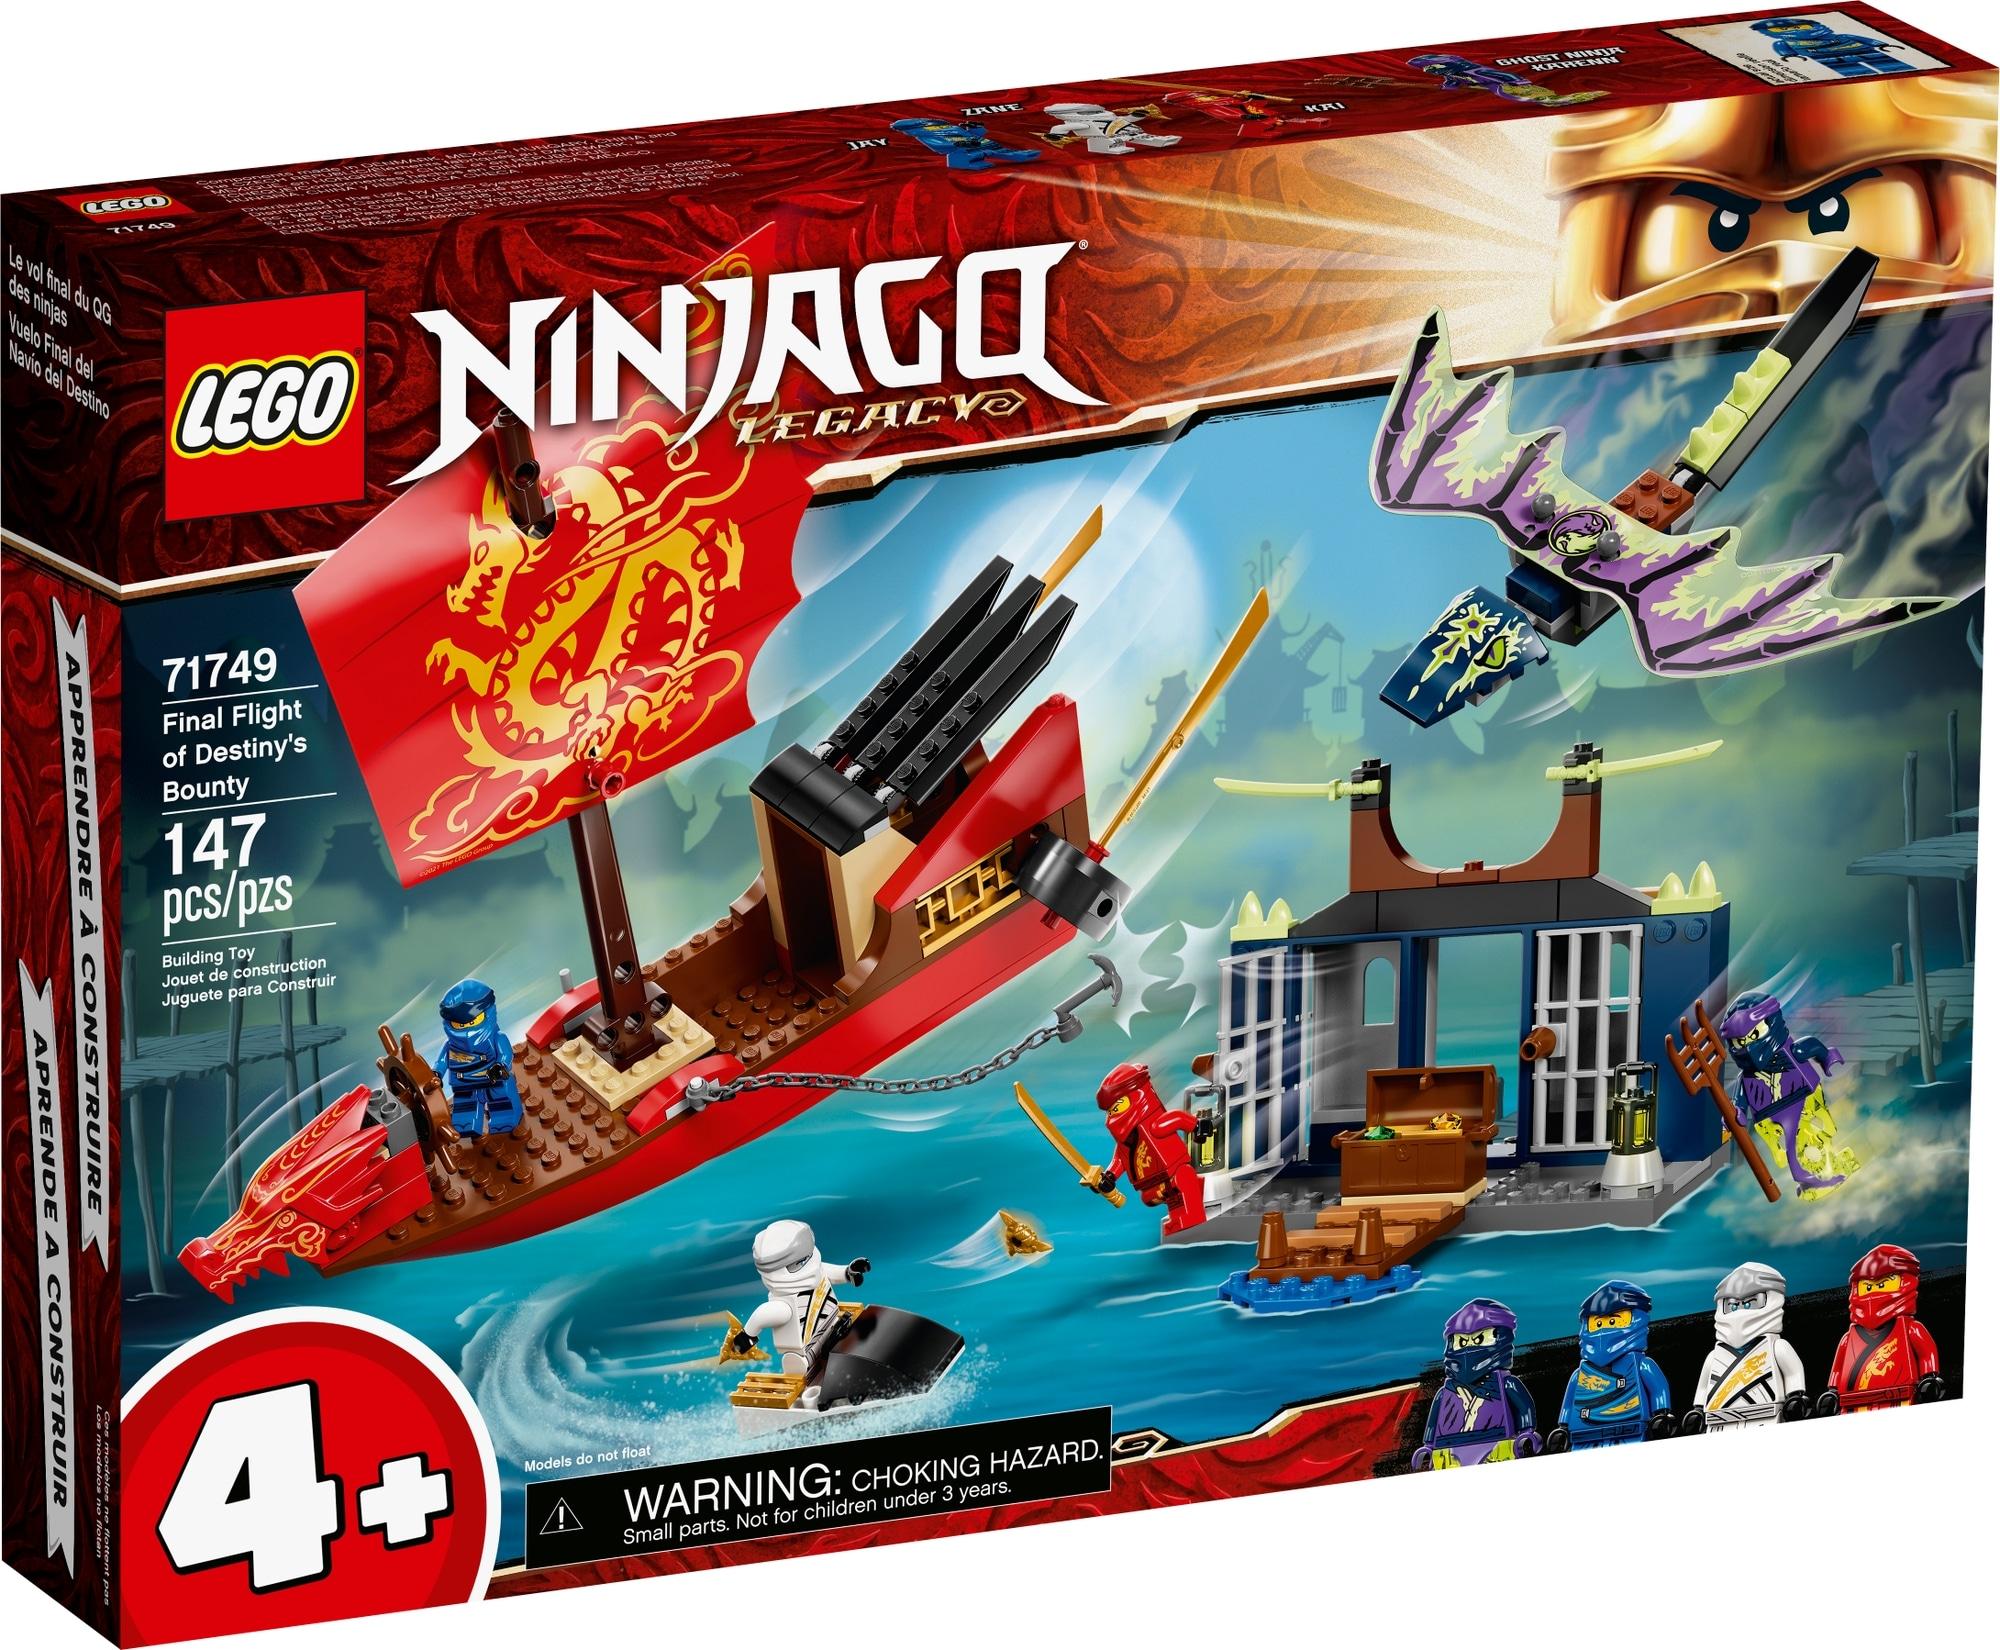 LEGO Ninjago 71749 Flug Mit Dem Ninja Flugsegler 2